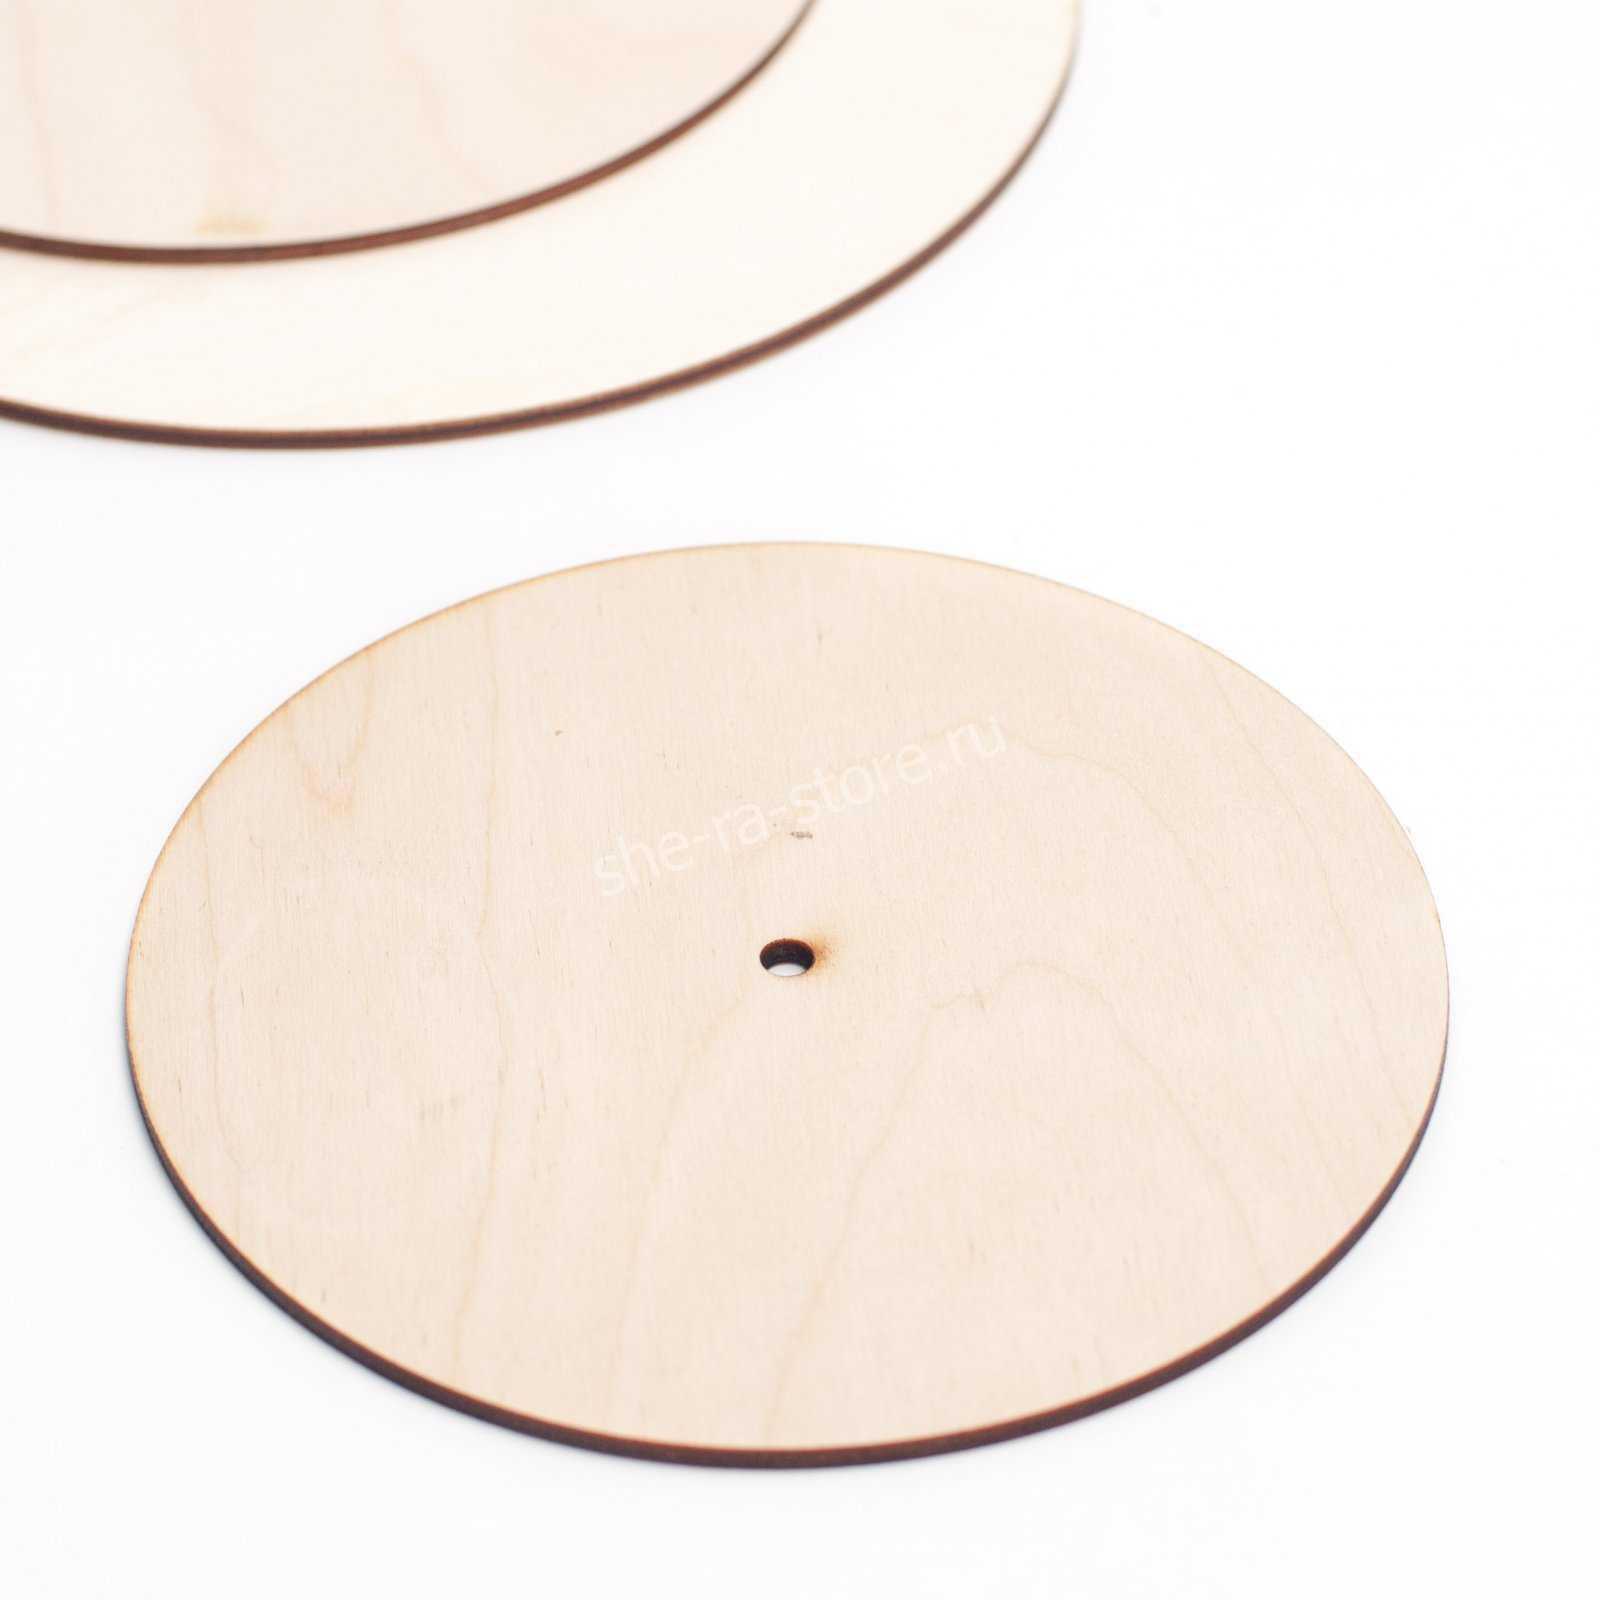 Подложка усиленная с отверстием для оси, диаметр 12см.